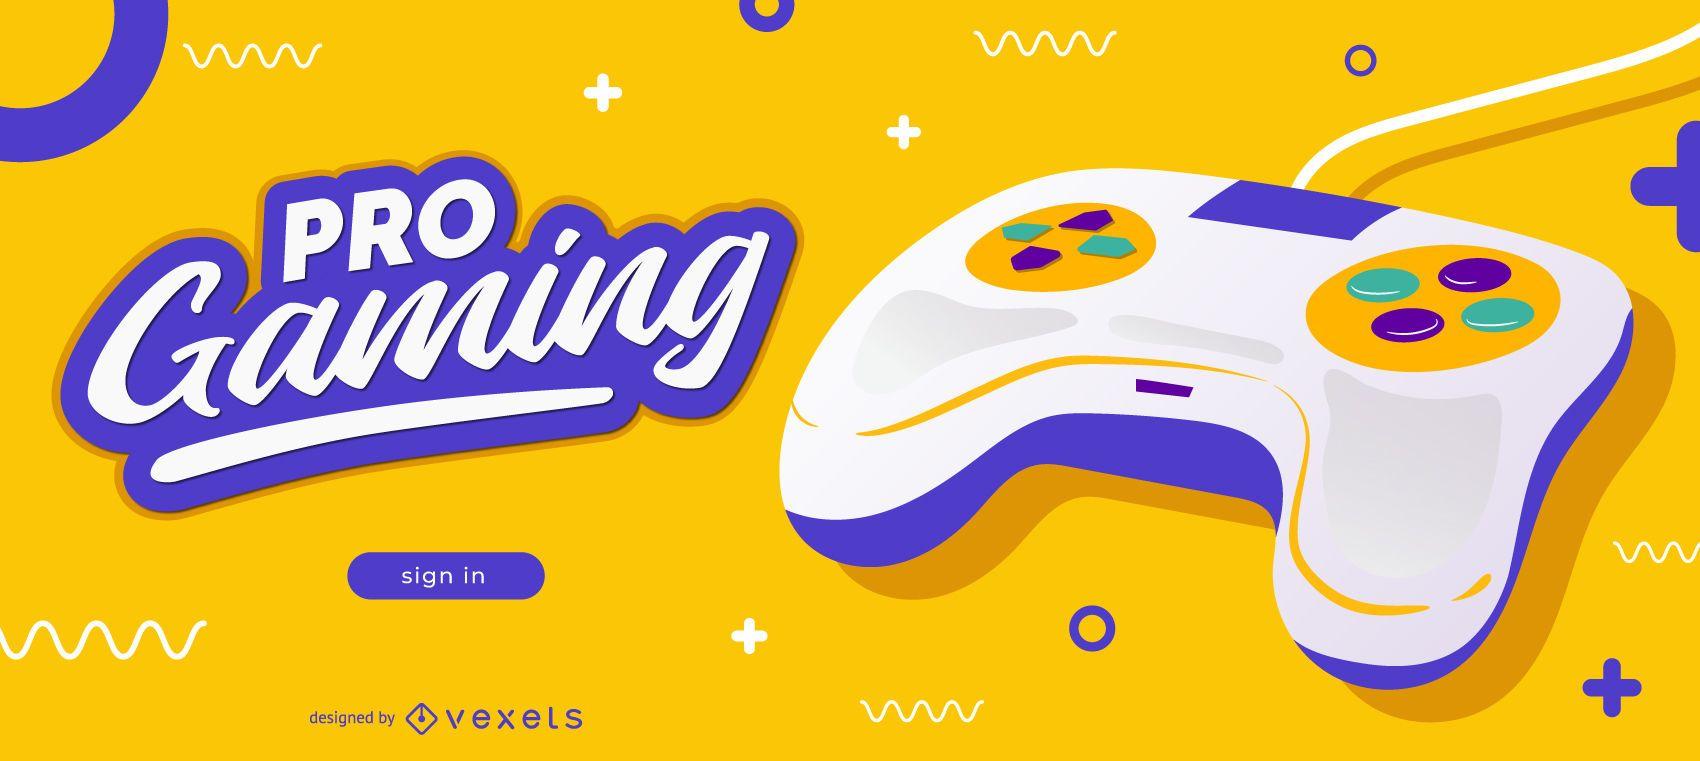 Pro Gaming Blog Slider Design